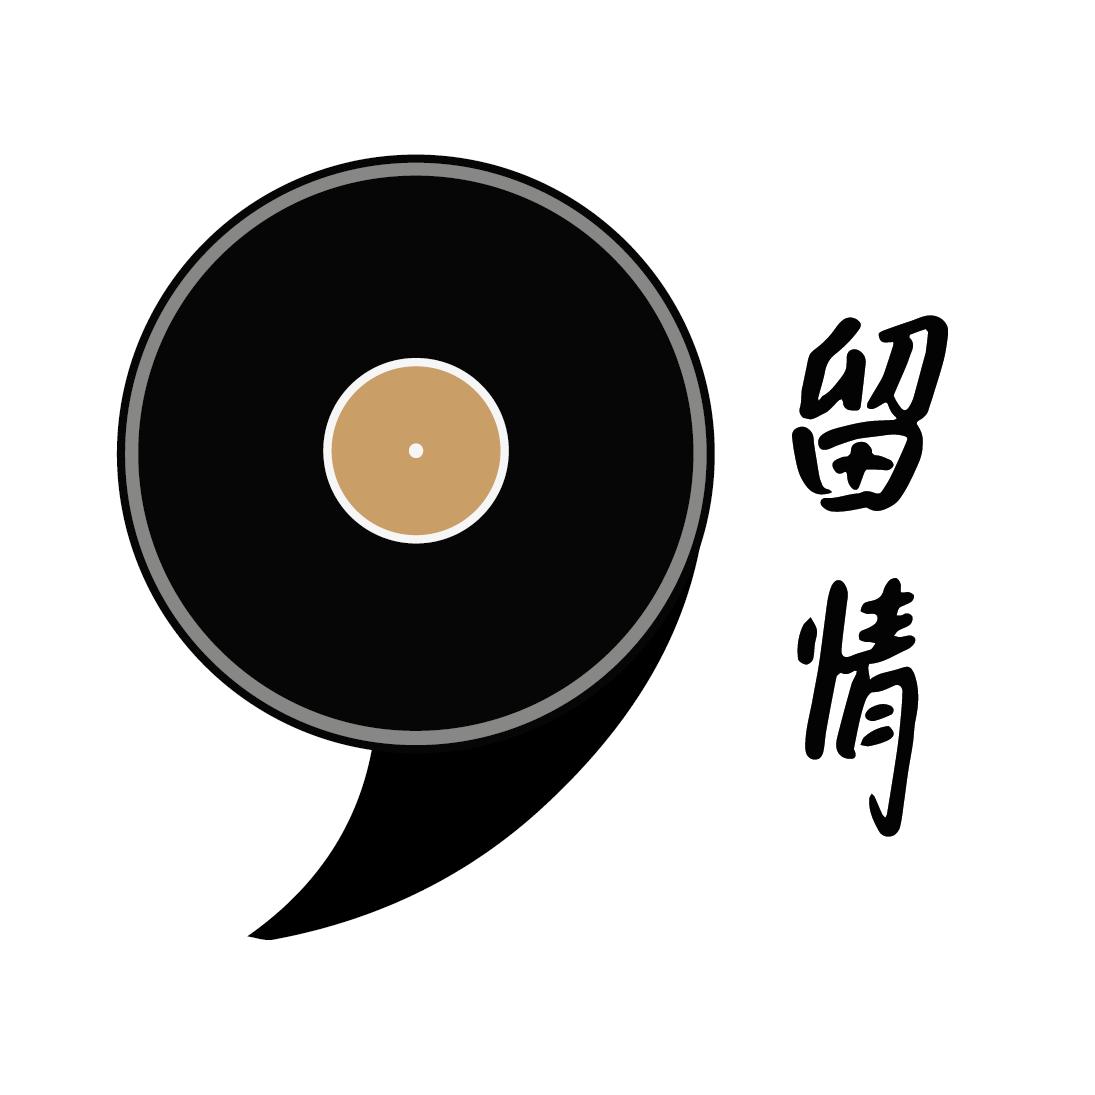 留情 - Kenna是19歲年輕插畫師,香港懷舊藝術愛好者,現就讀英國中央聖馬丁藝術與設計學院。開設《留情》專頁,希望透過插畫去令讀者了解八十年代的文化,有著推廣和傳承的責任。2018年7月在台灣誠品書店舉行了首個展覽,名為《Dearest Anita親密愛人特展》。留情 Facebook留情Instagram